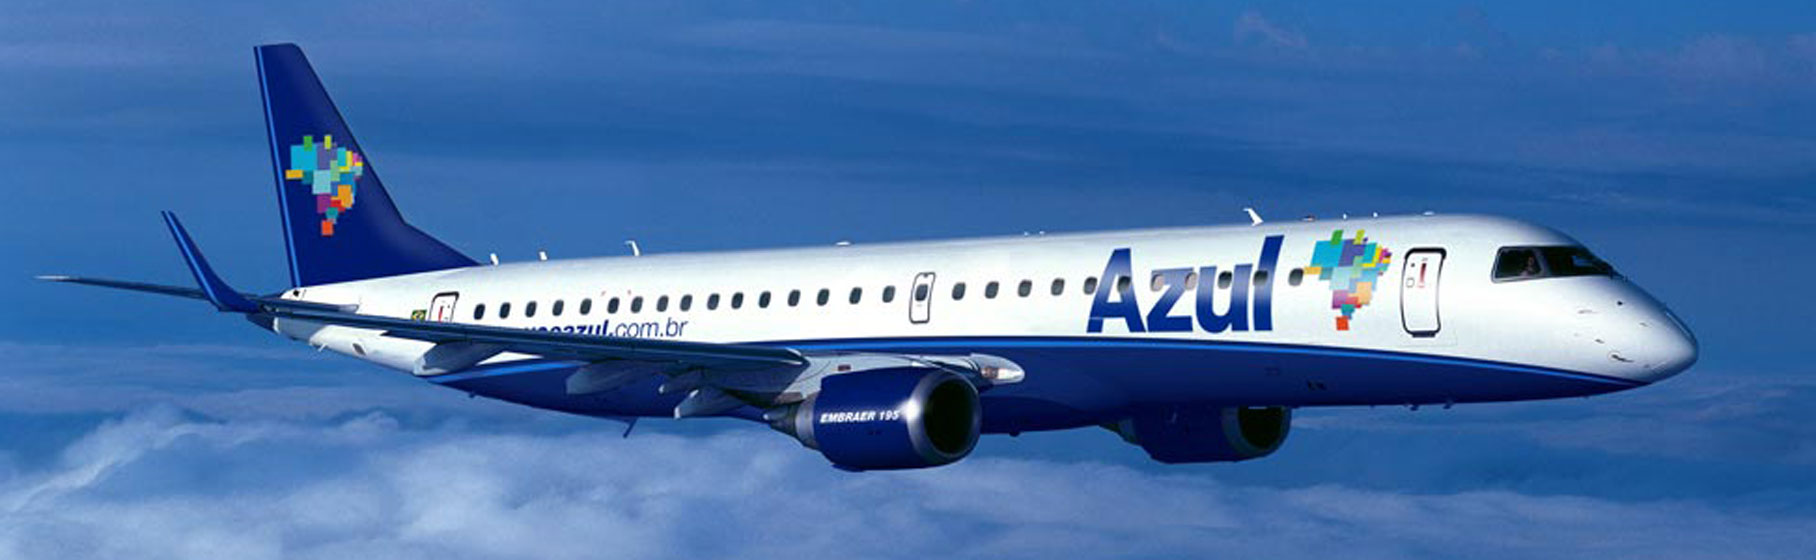 Logo_Azul-Budget-Airlines_Azul---Linhas-Aéreas-Brasileiras_dian-hasan-branding_BR-10